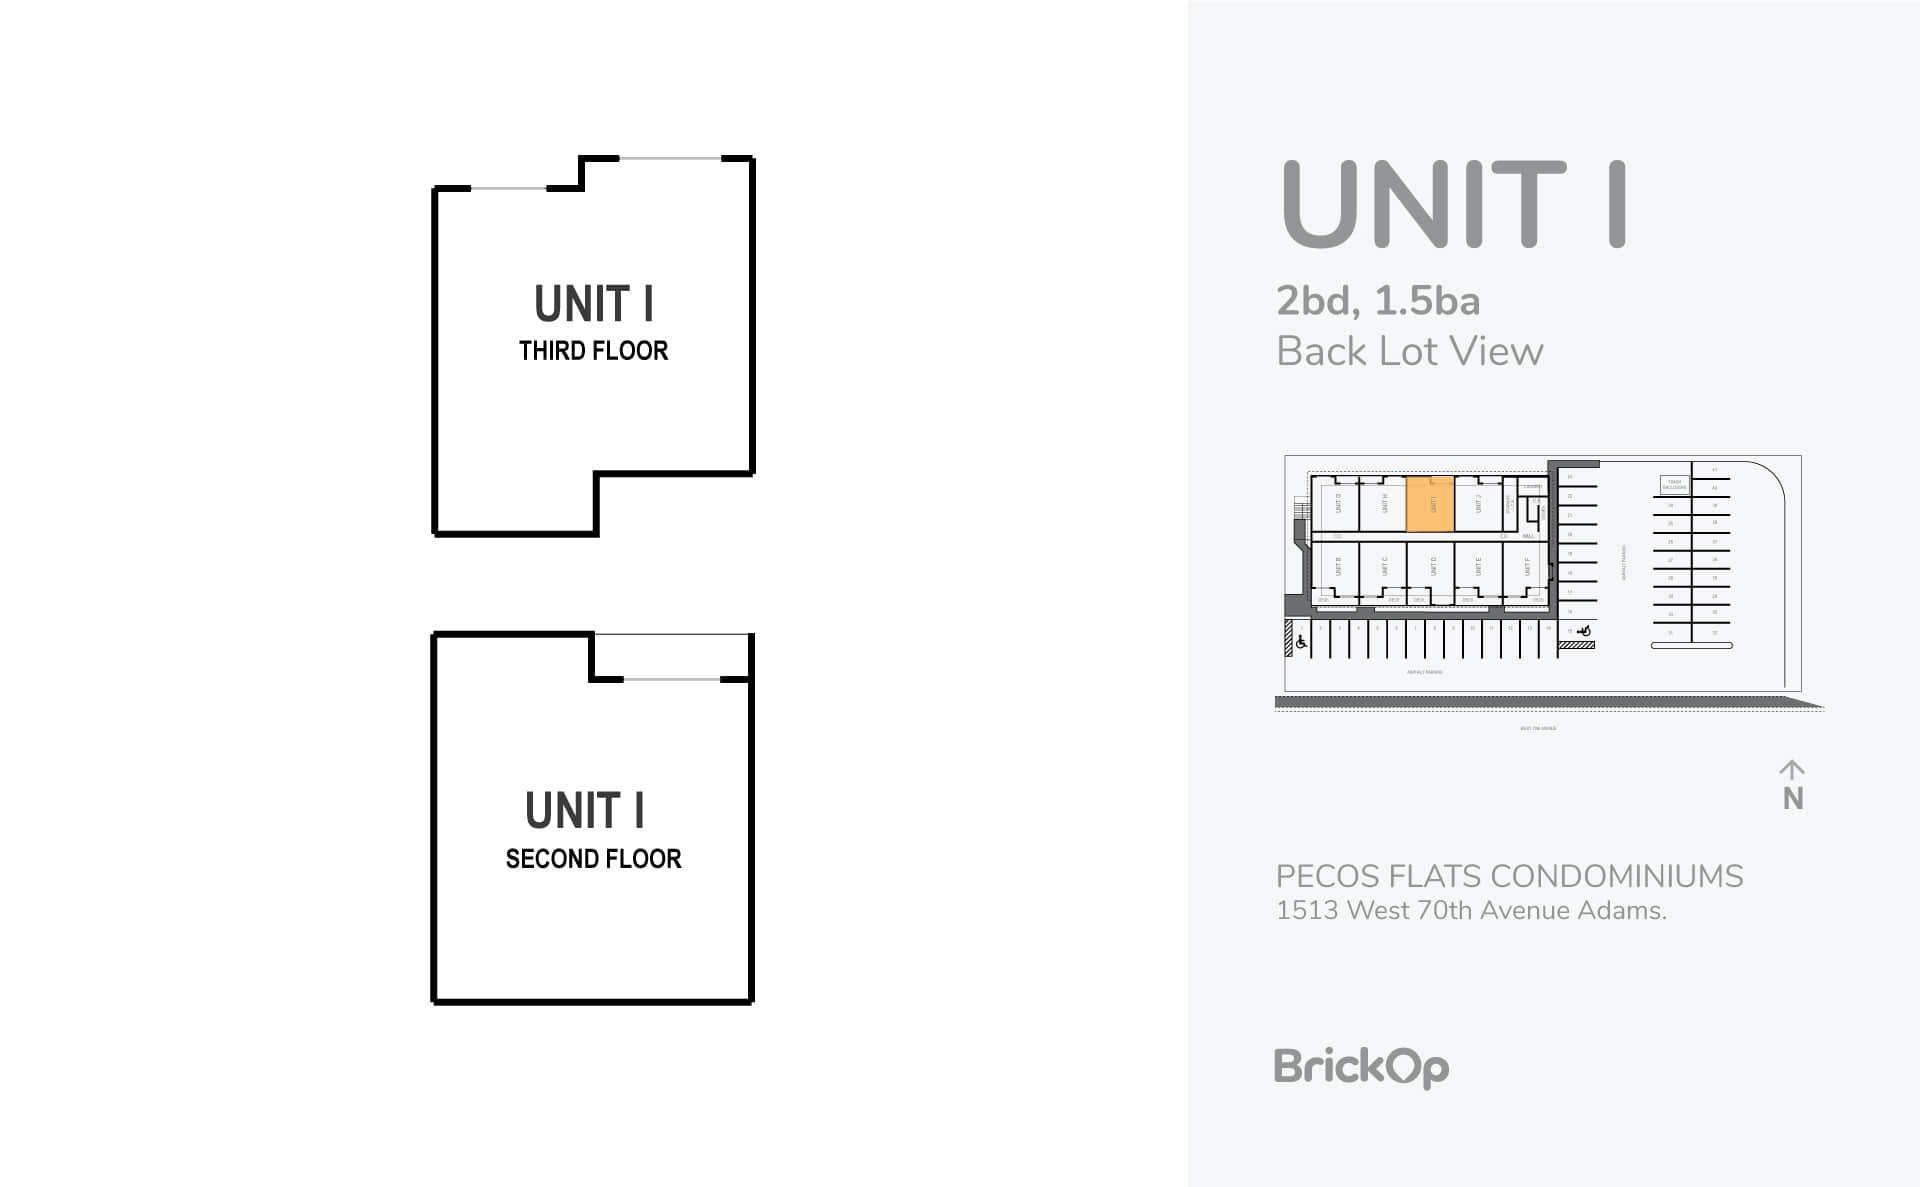 Unit: I